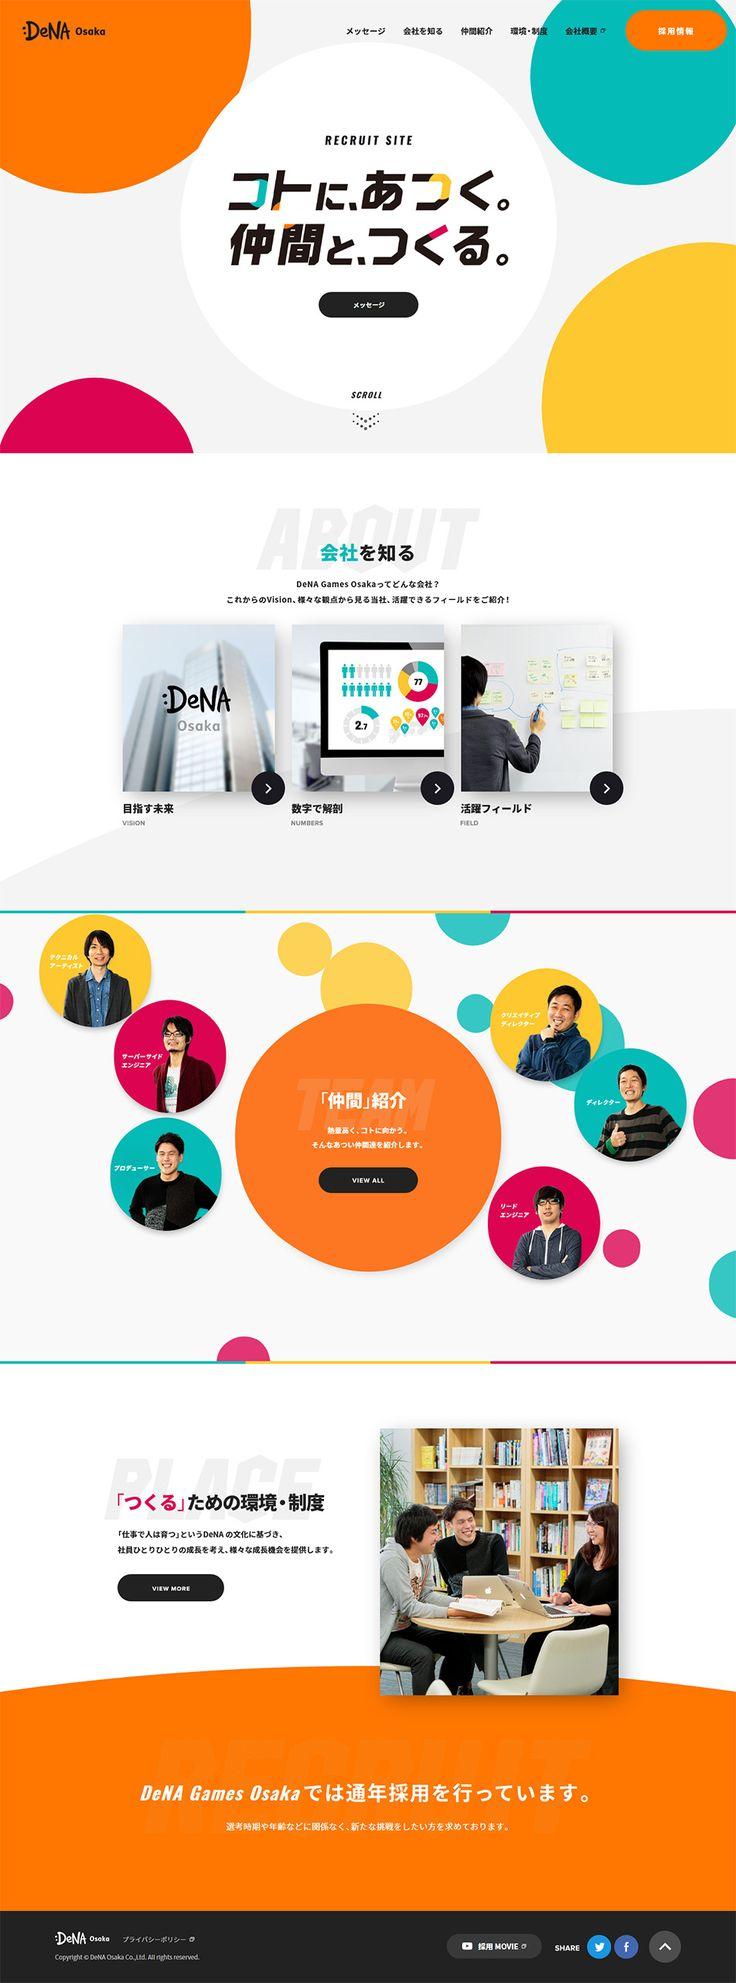 株式会社DeNA Games Osaka 採用サイト【求人関連関連】のLPデザイン。WEBデザイナーさん必見!ランディングページのデザイン参考に(にぎやか系)